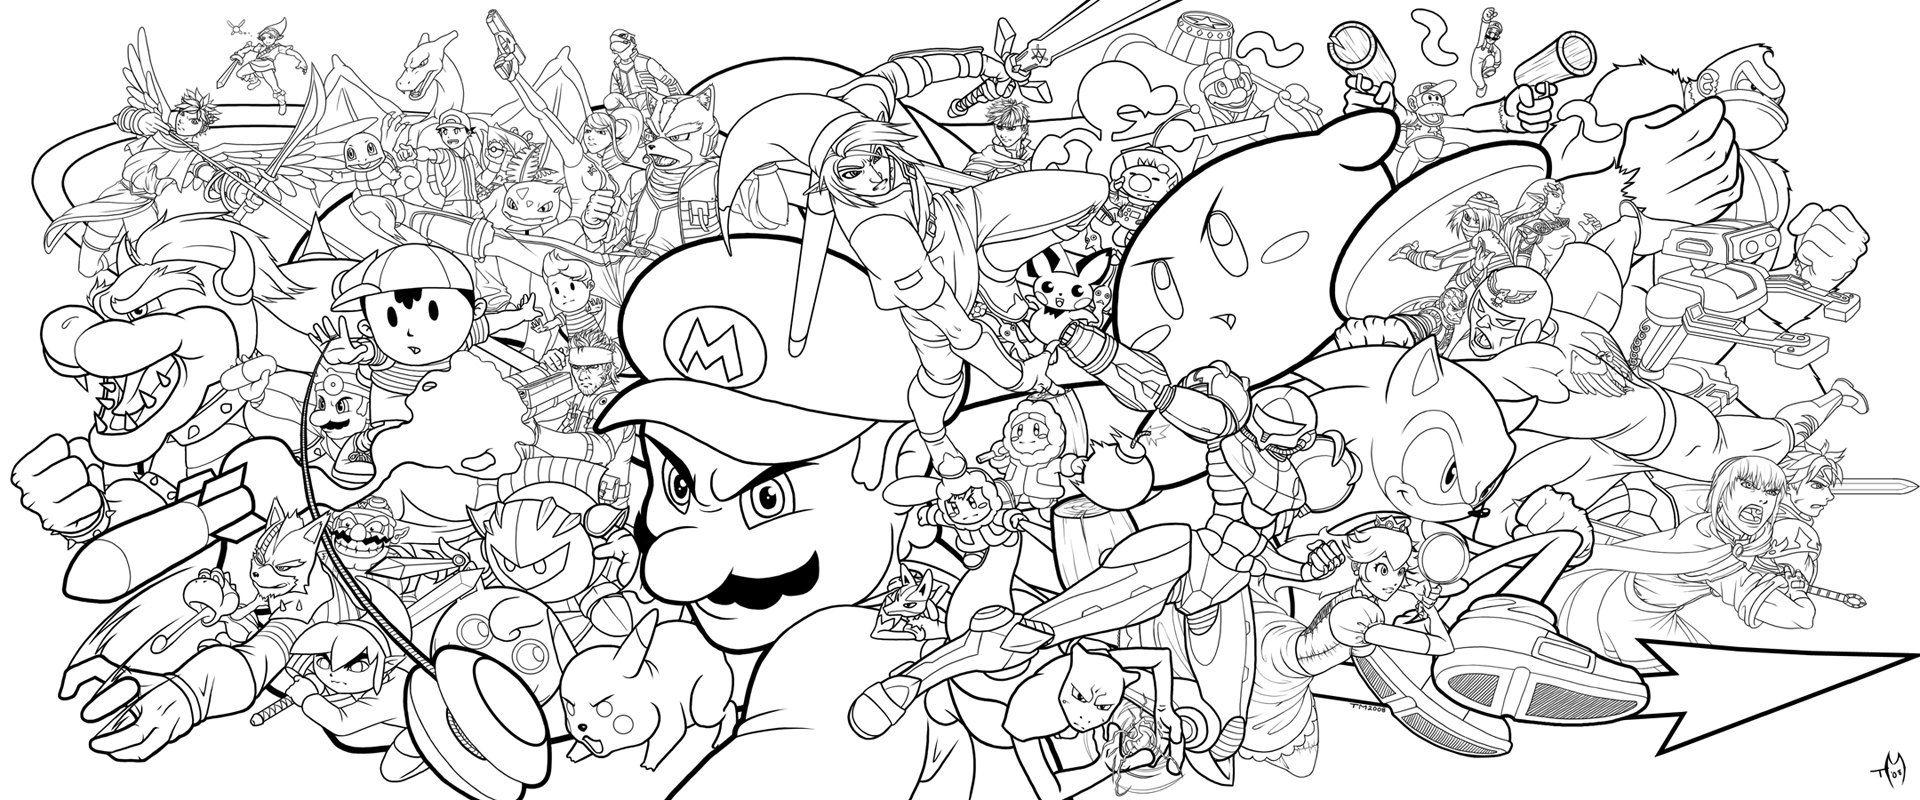 Kleurplaten Super Mario Bros Wii.Super Smash Bros By Zombie Graves On Deviantart Super Smash